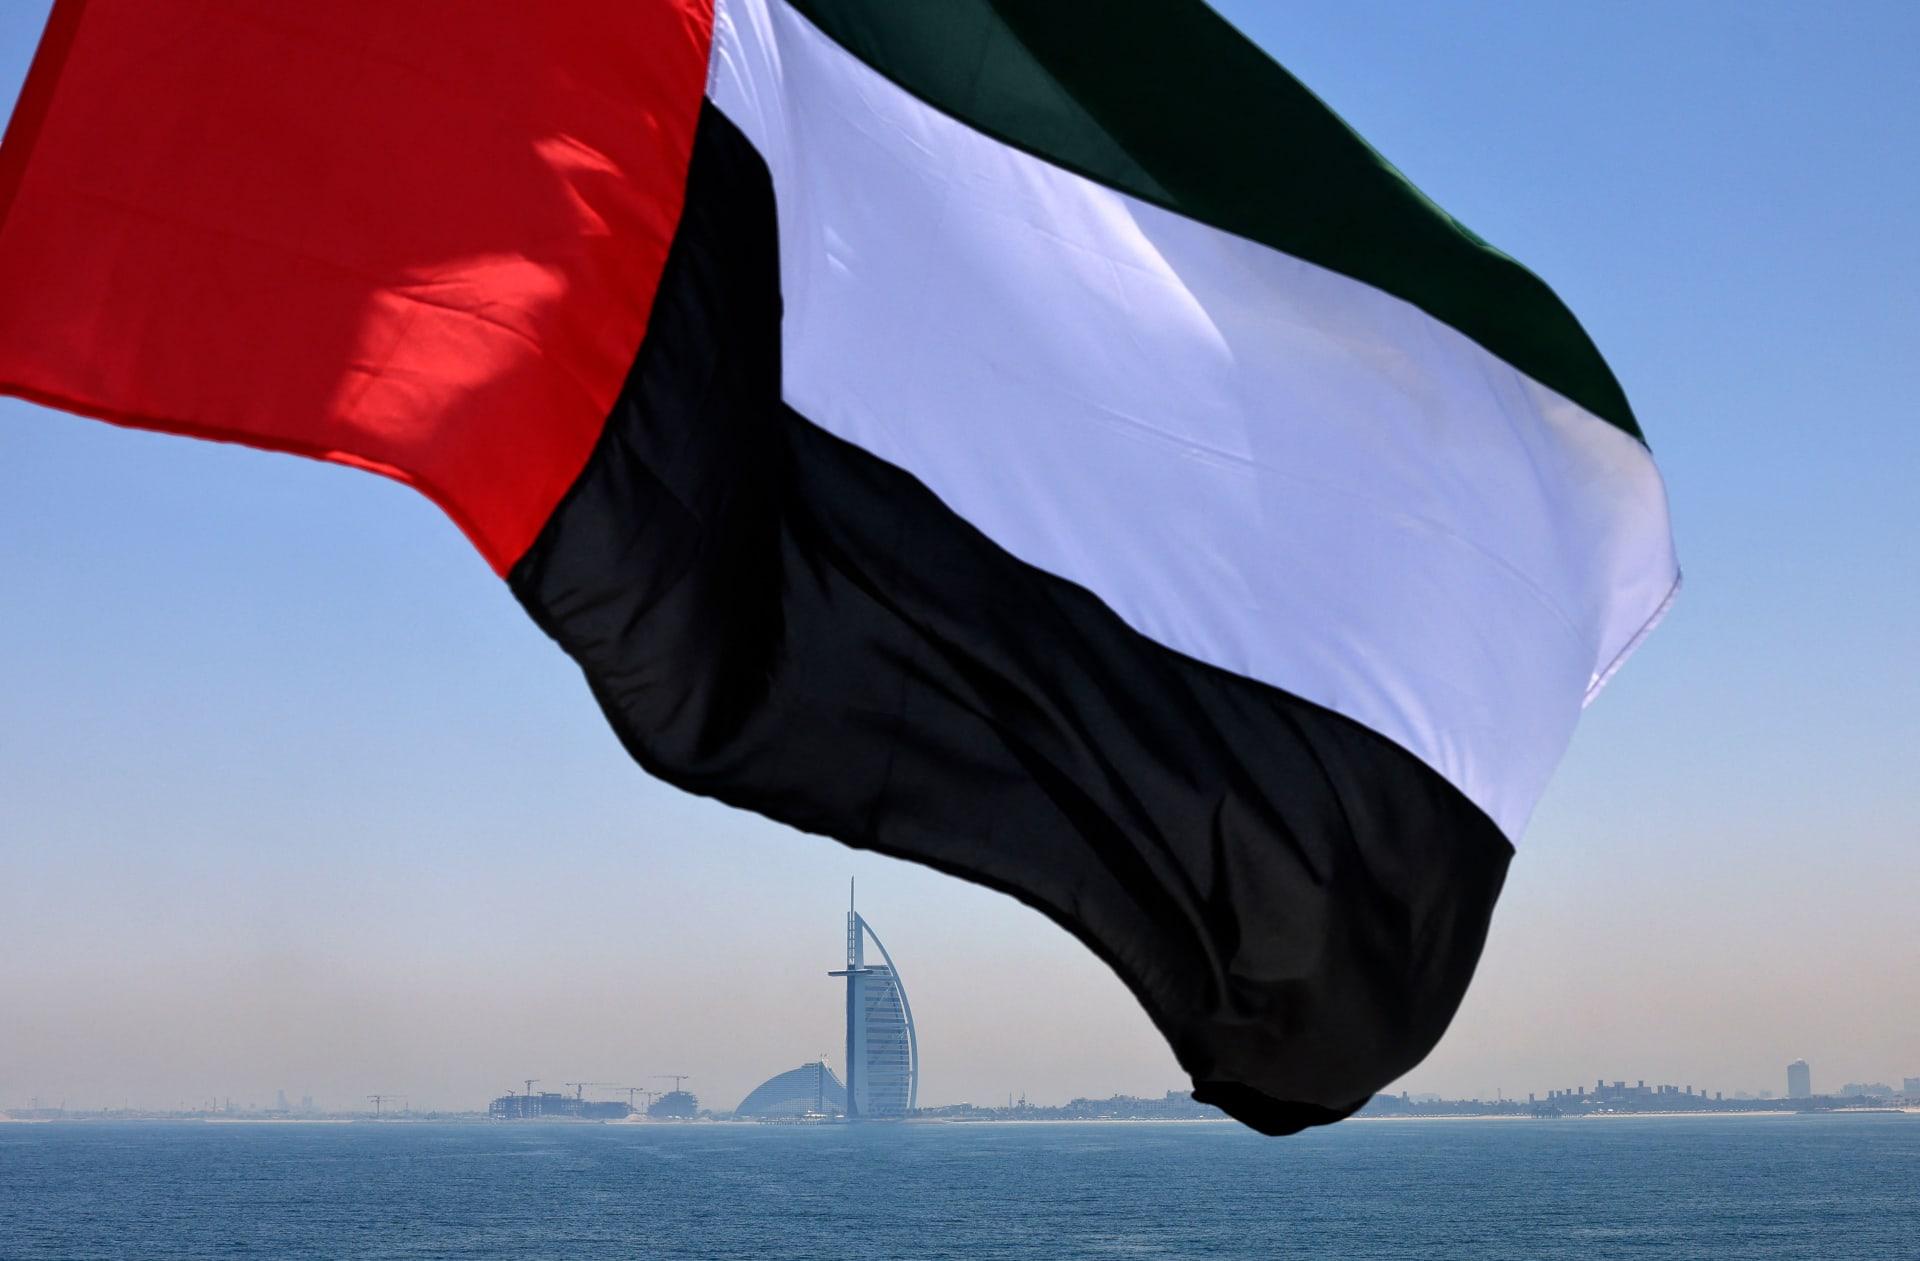 علمًا إماراتيًا يرفرف فوق مرسى دبي مع فندق برج العرب في الخلفية